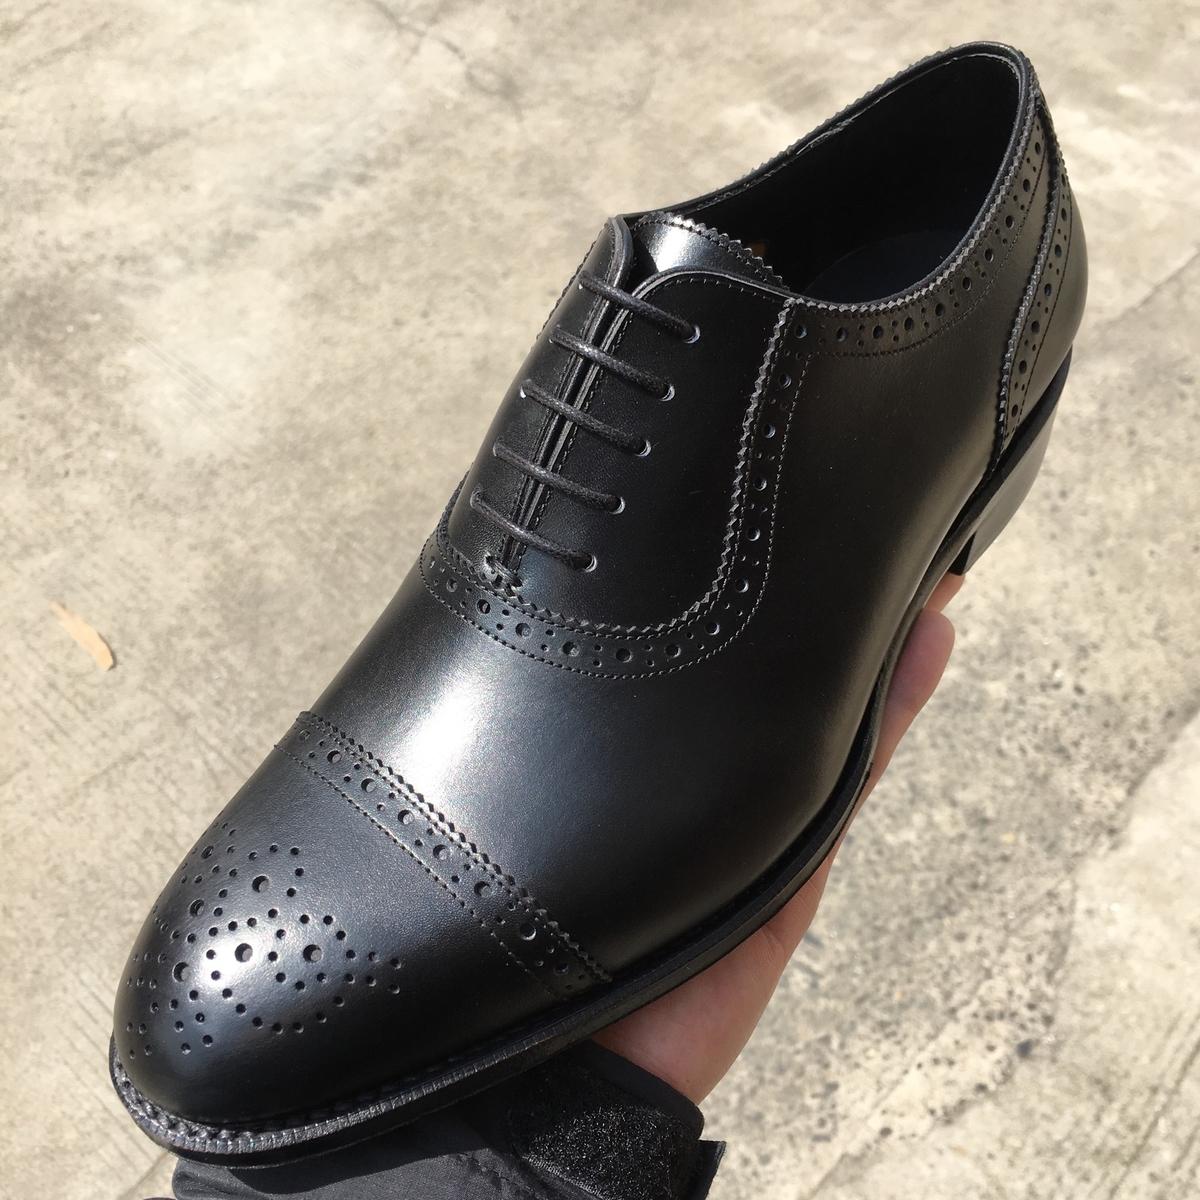 f:id:raymar-shoes:20190314140600j:plain